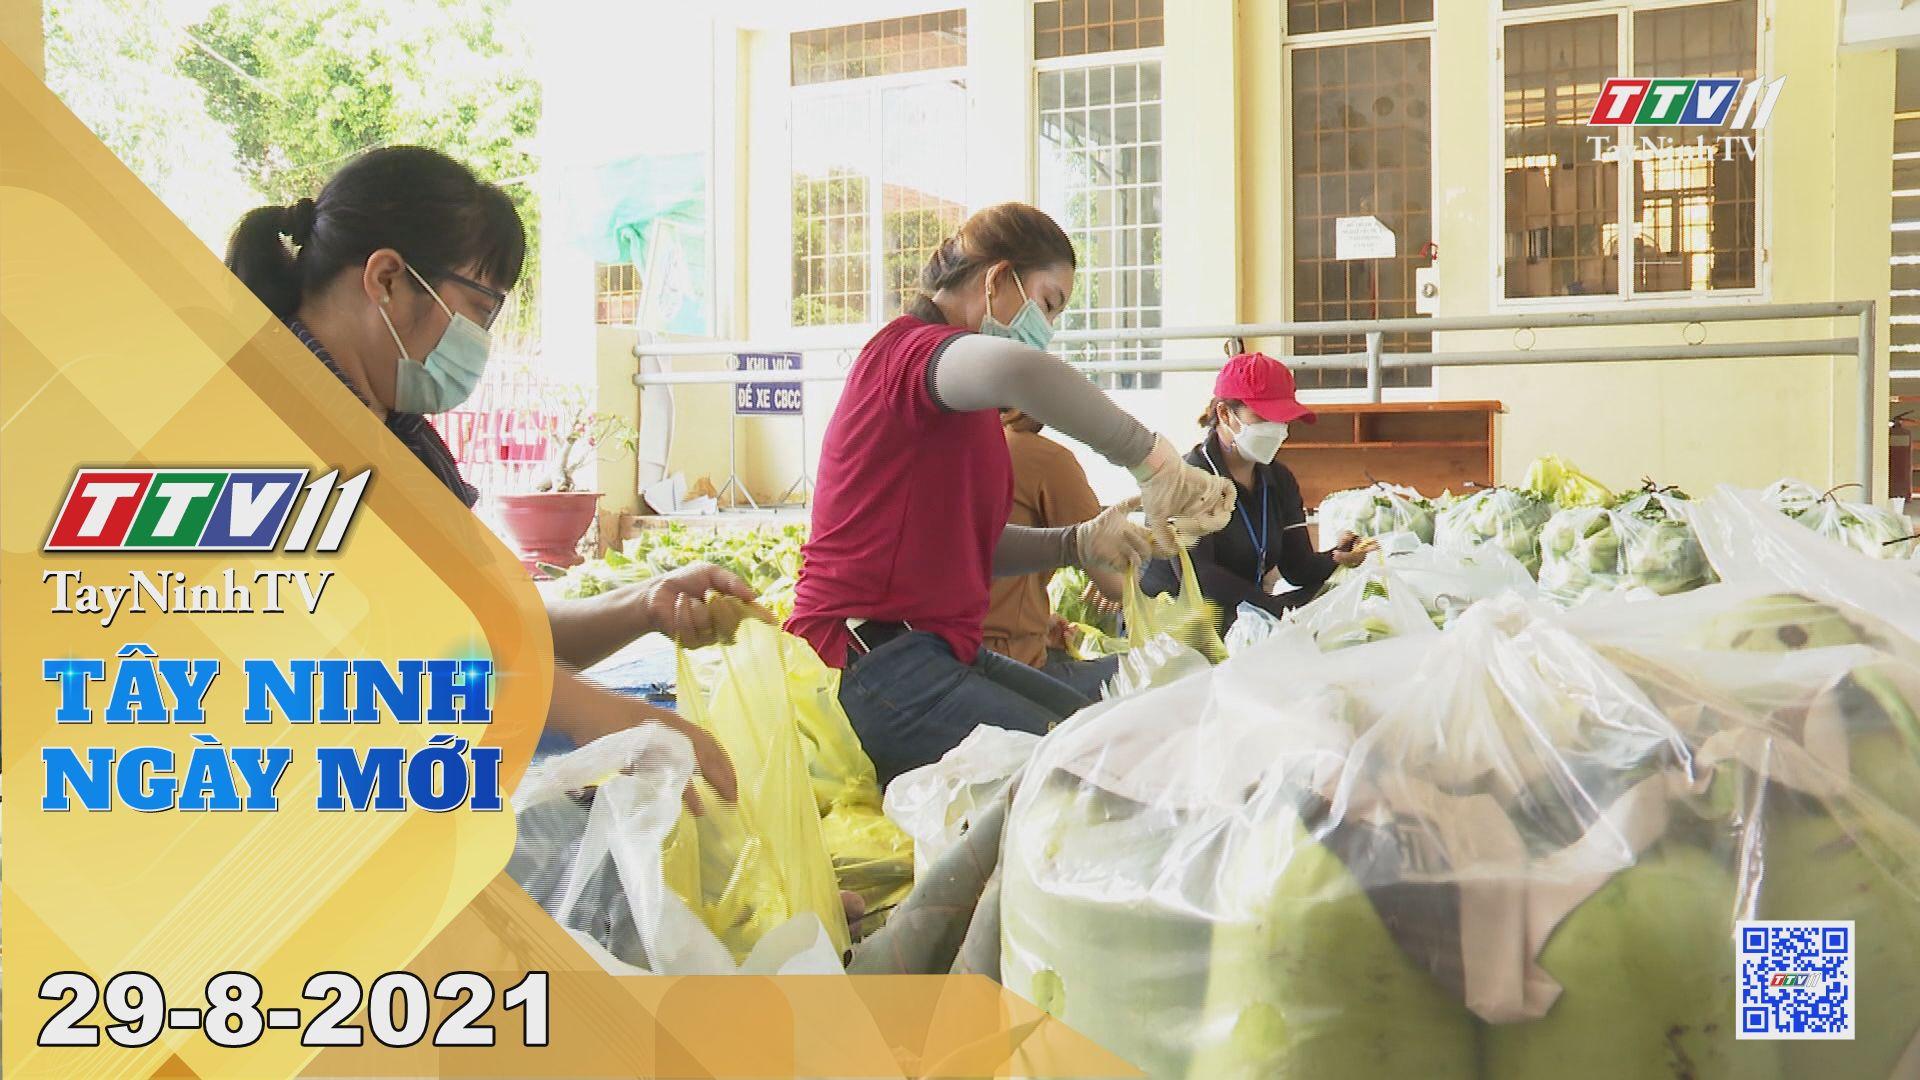 Tây Ninh Ngày Mới 29-8-2021 | Tin tức hôm nay | TayNinhTV